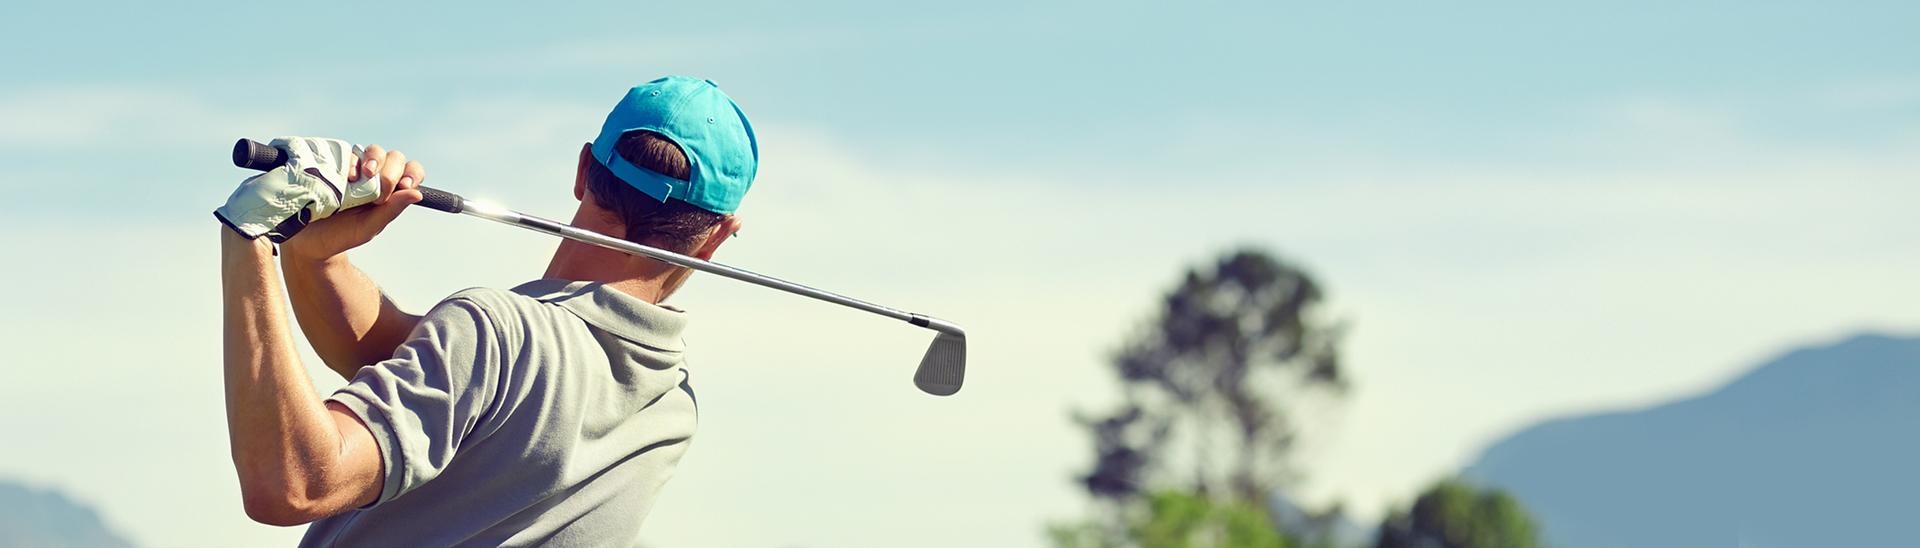 Élan de golf